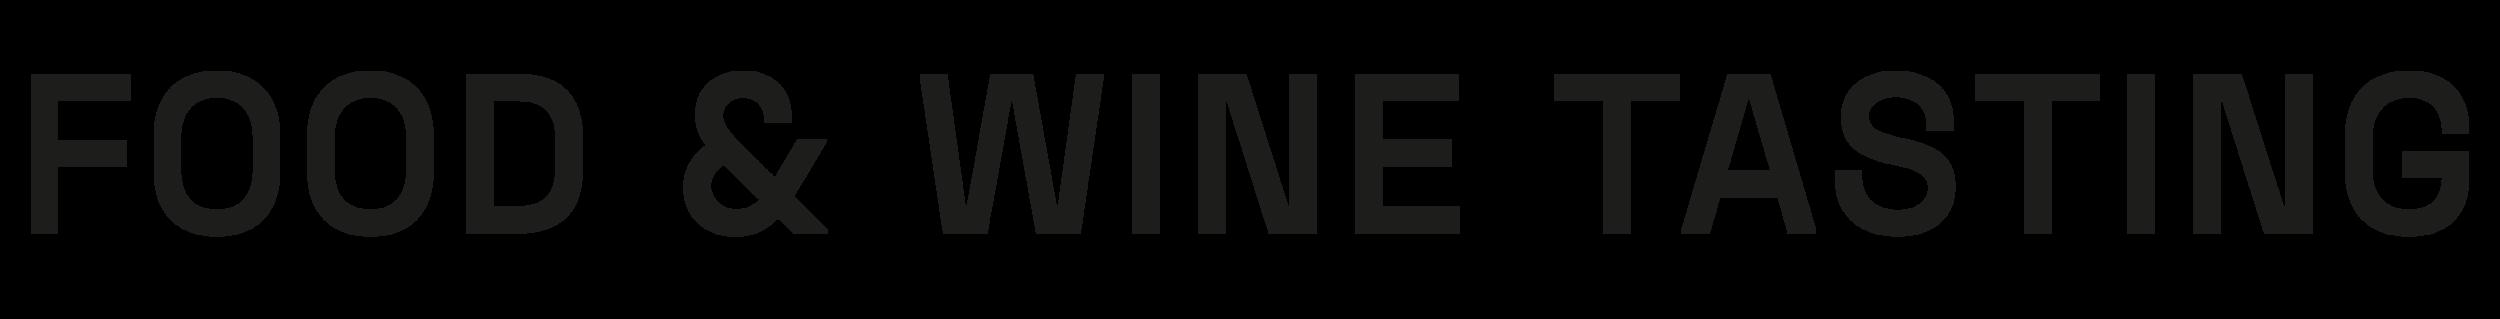 JRF_FOOD&WINE.png